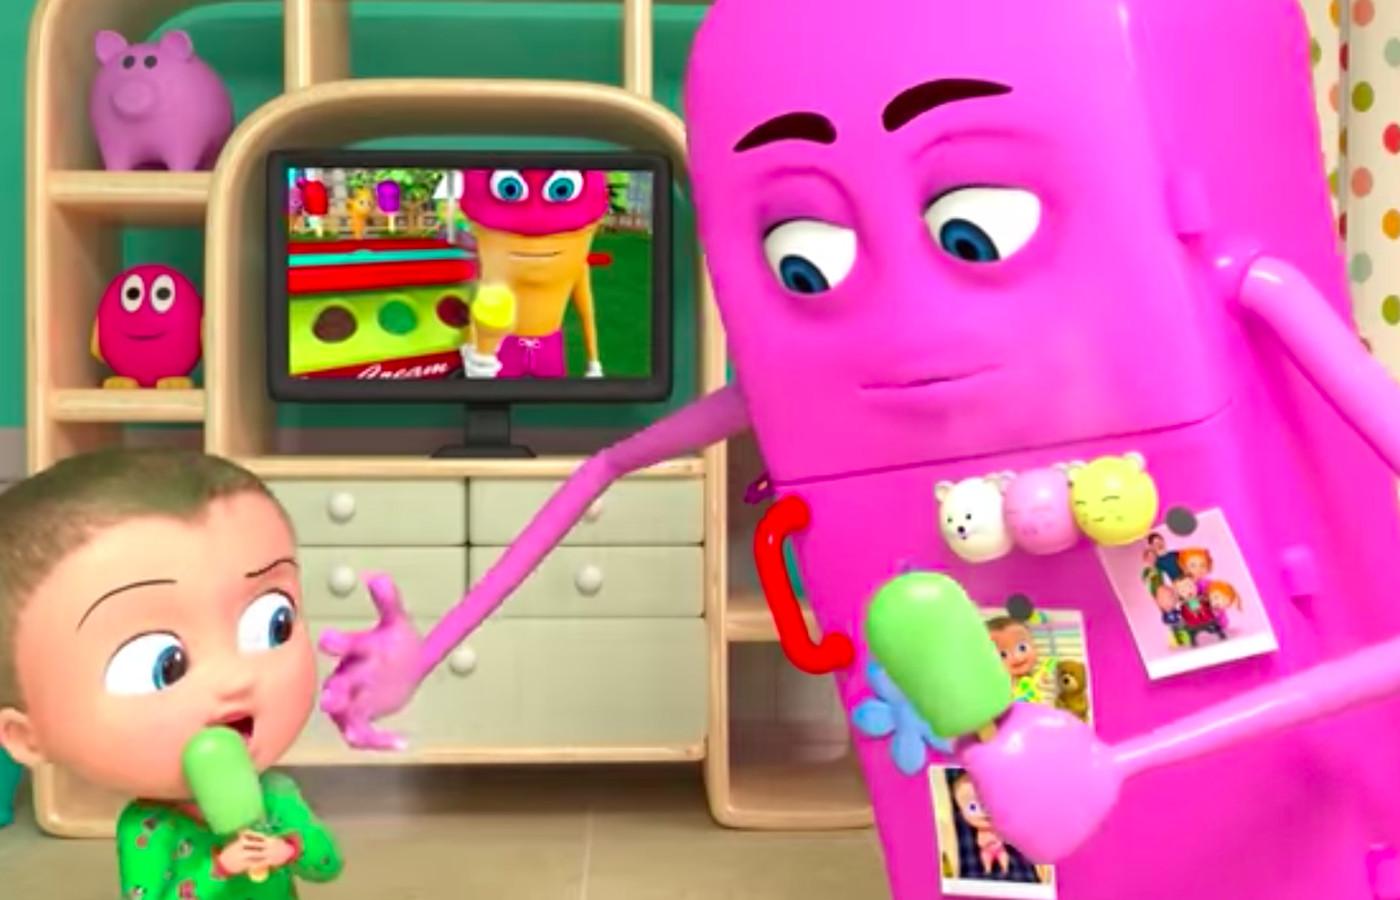 The Viral Johny Johny Kids Videos Are A Godforsaken Nightmare